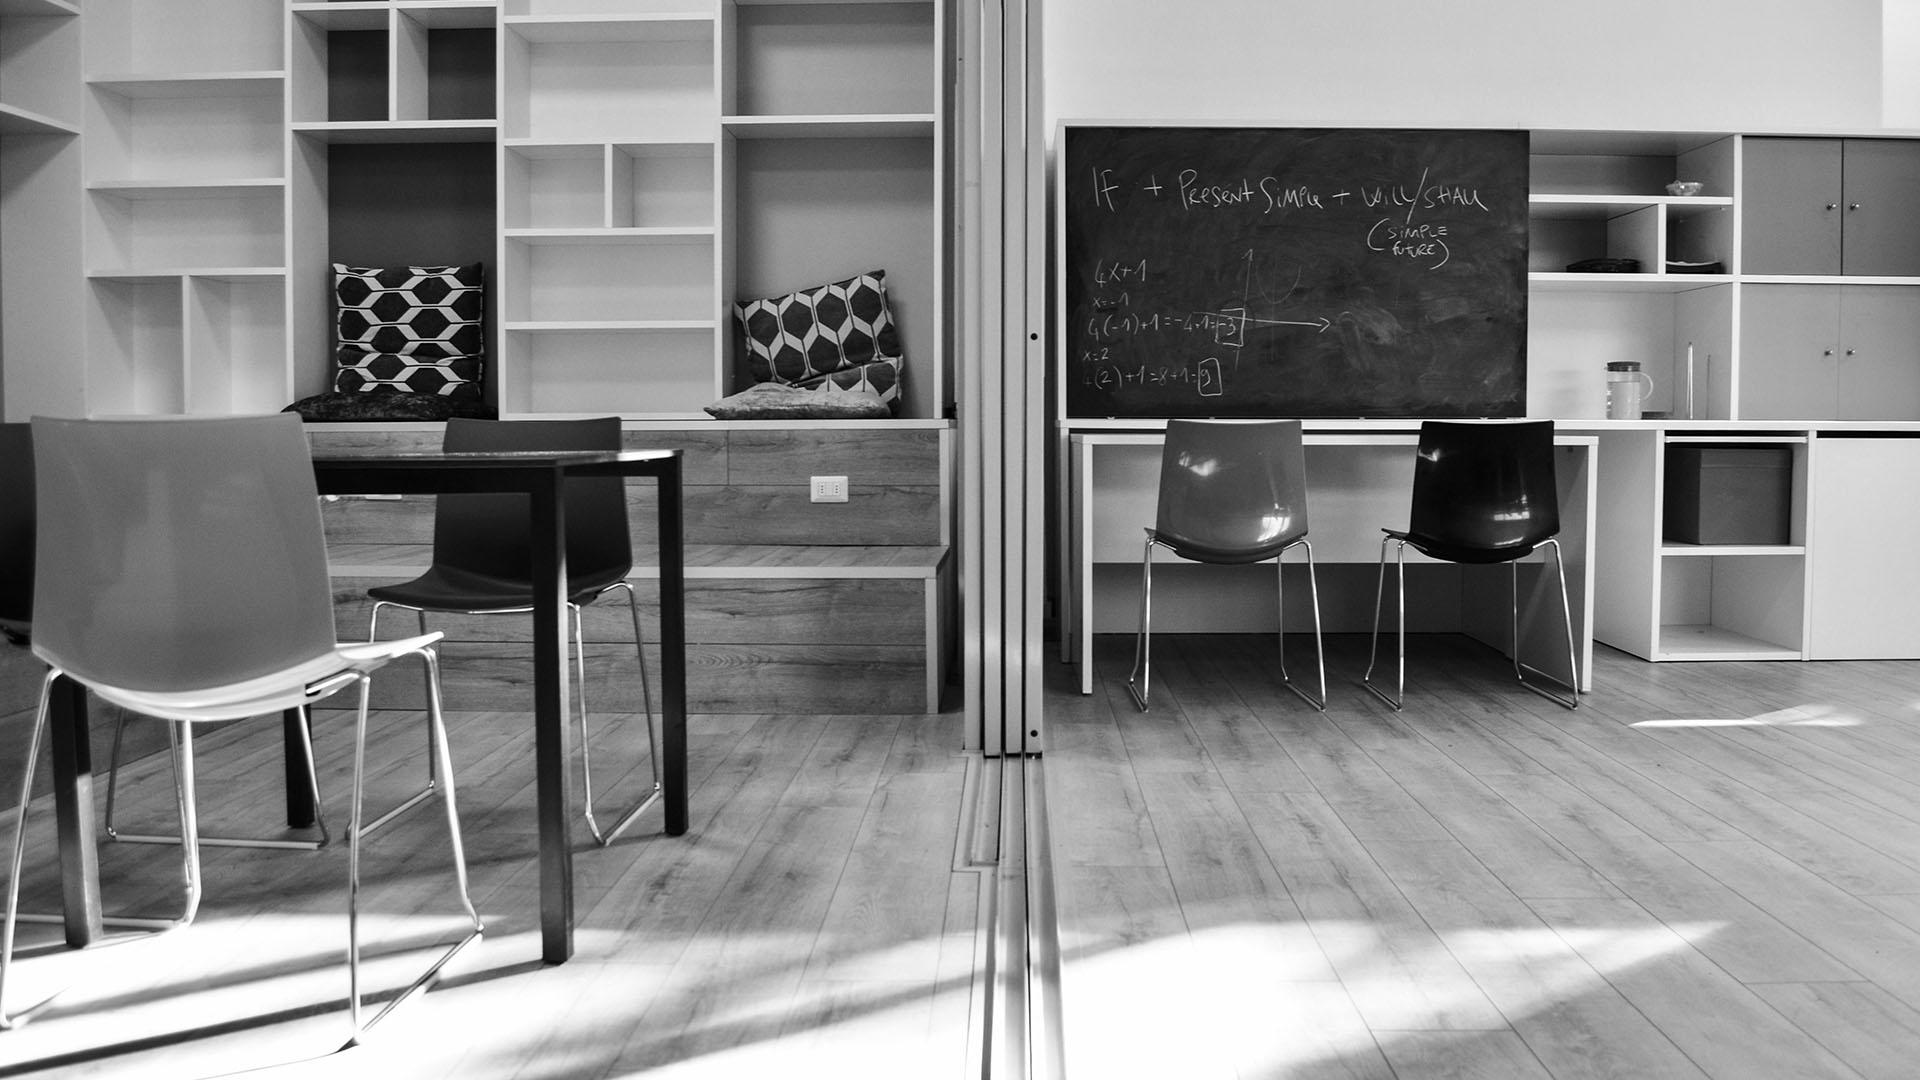 Giornate di formazione presso casa-laboratorio di Cenci